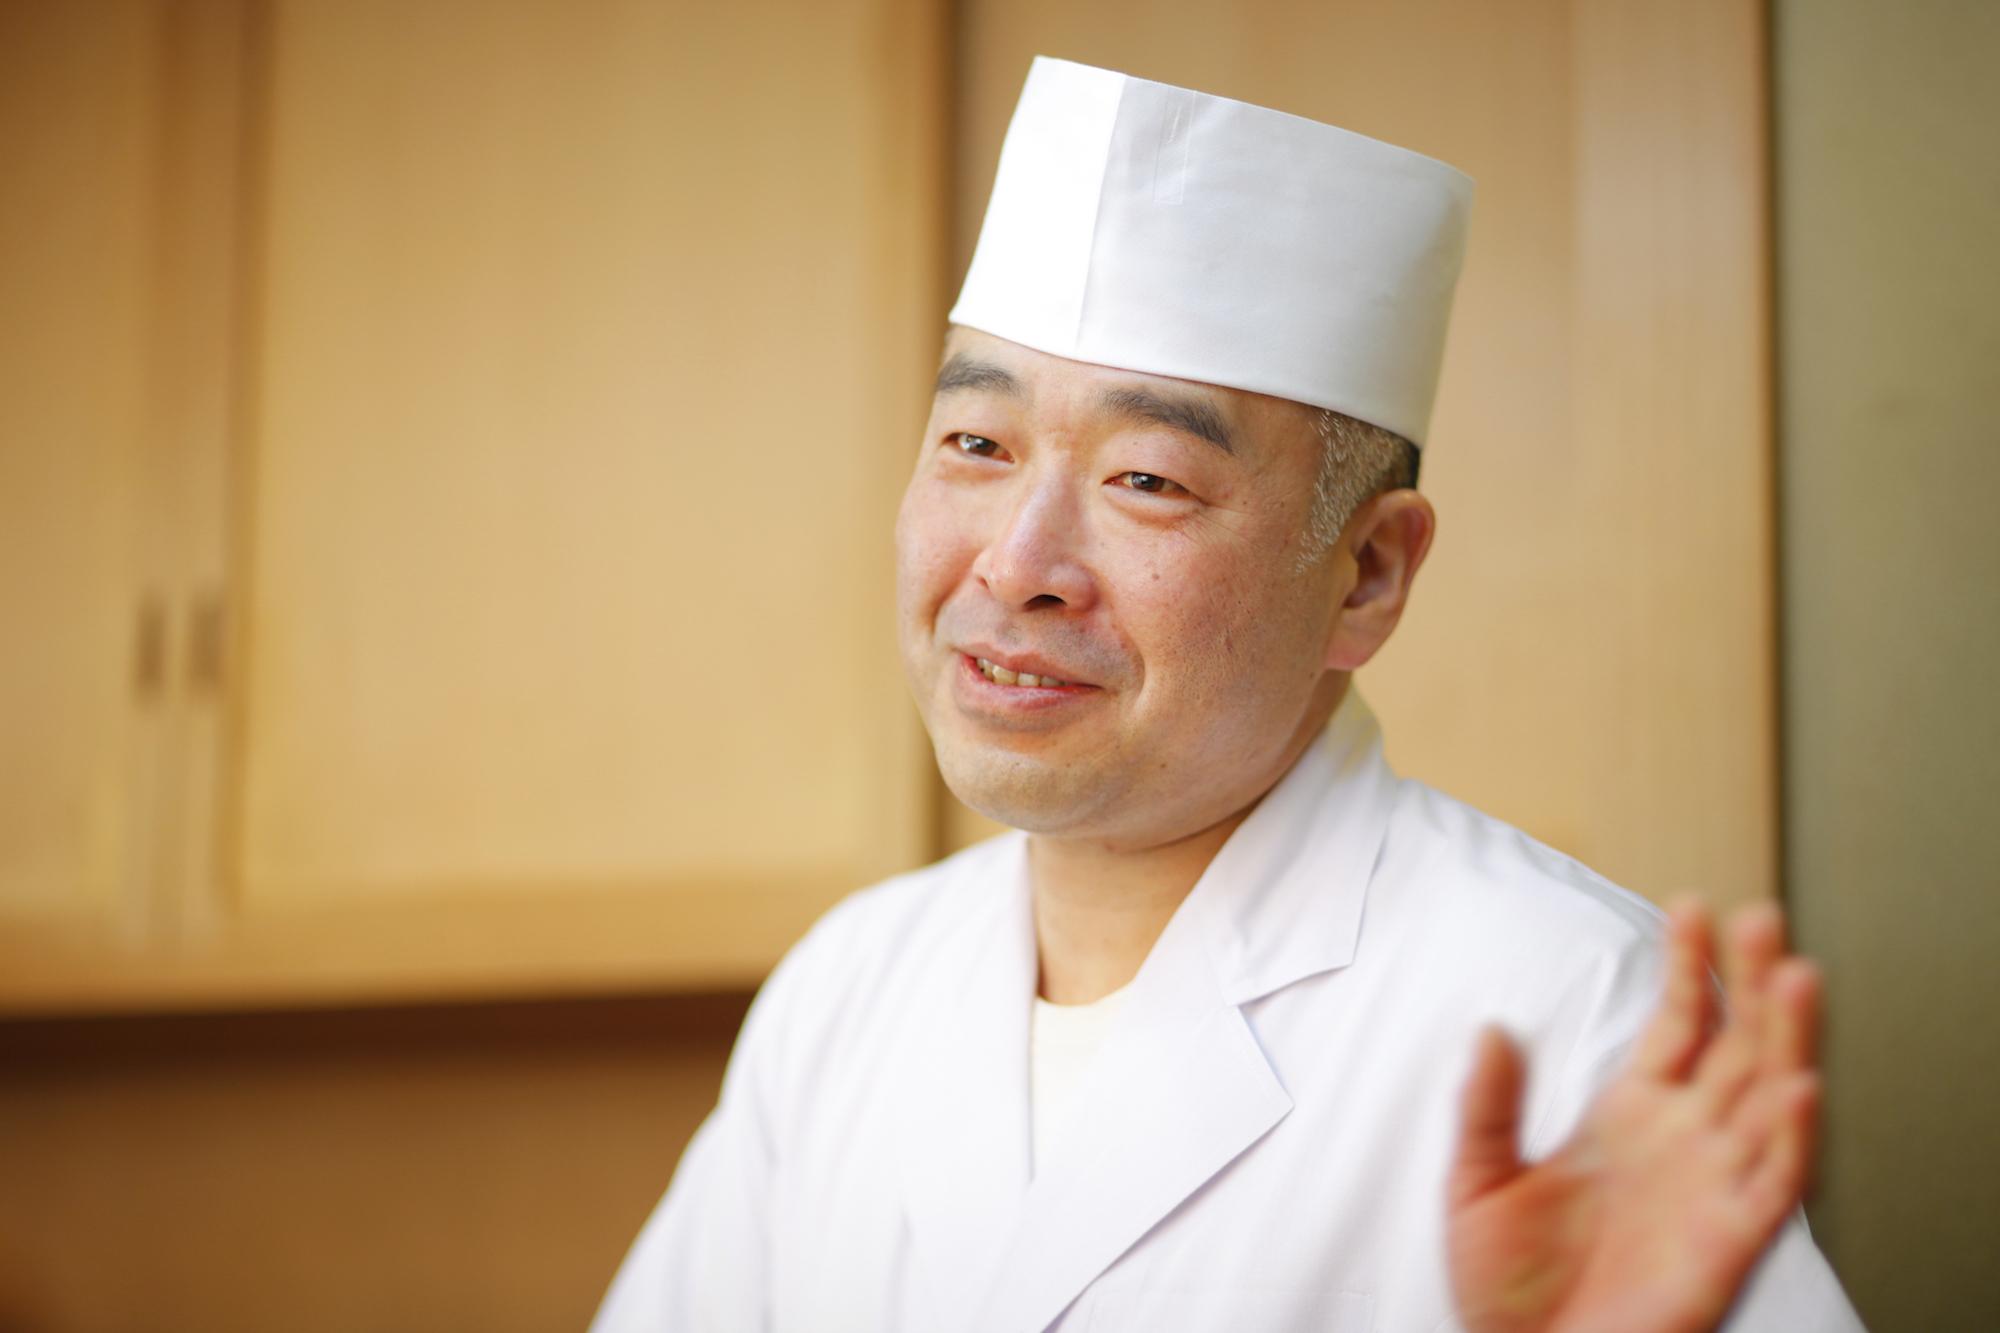 Kogetsu Shigeyuki Sato